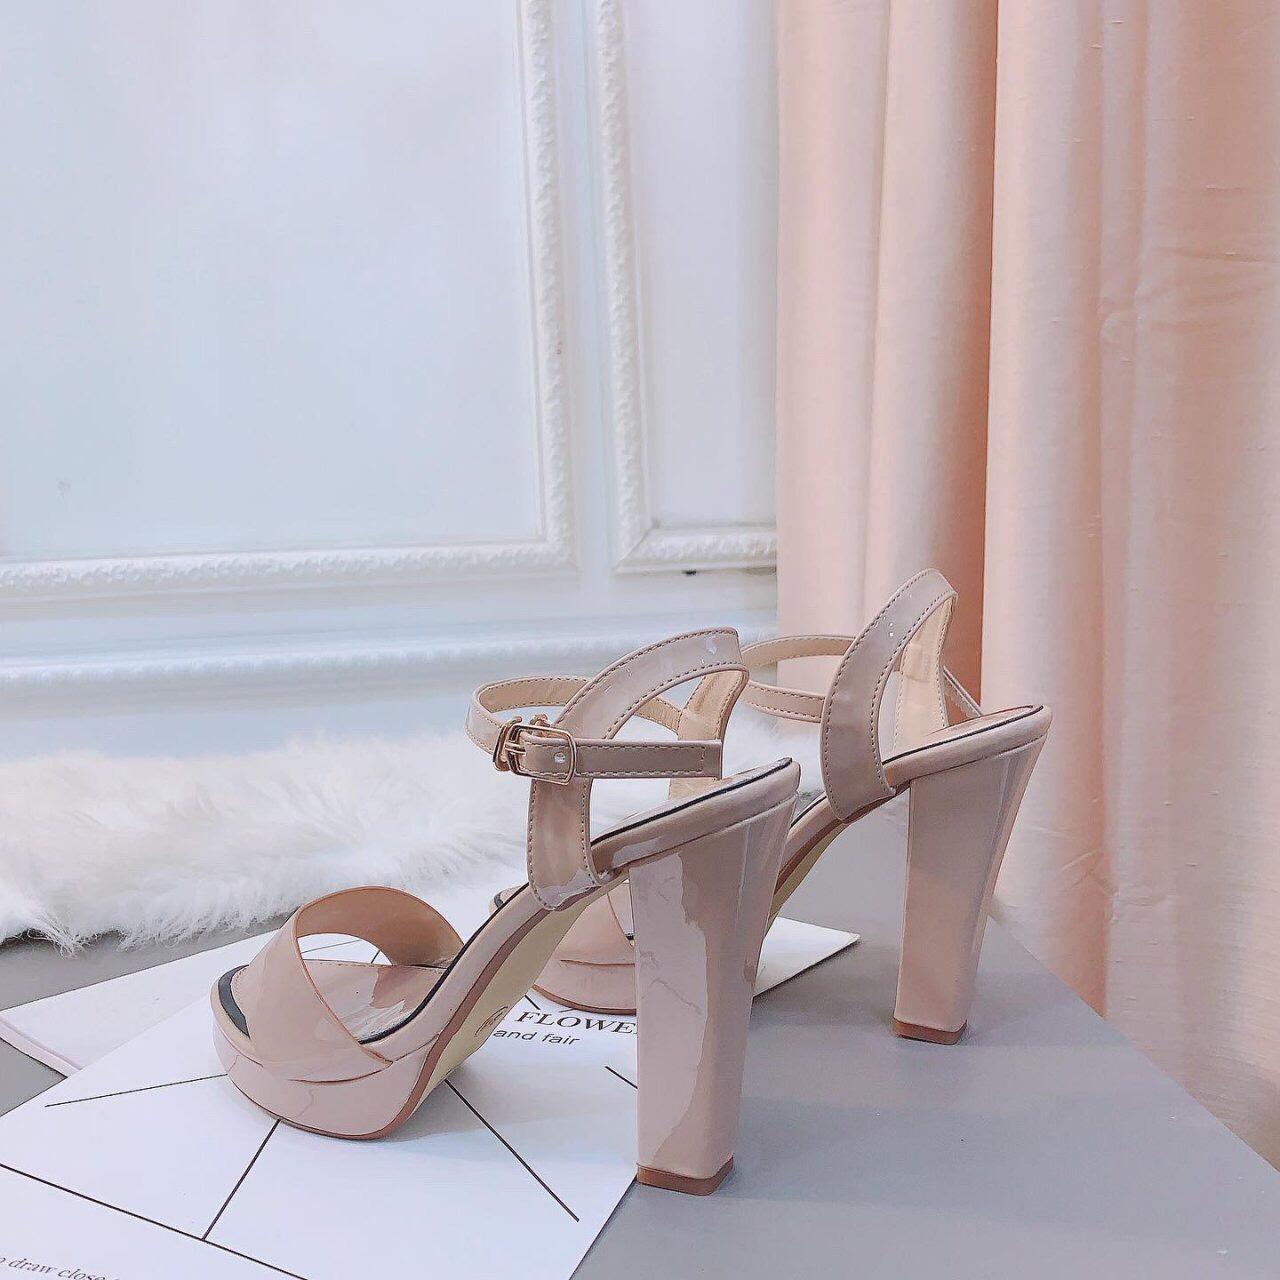 Giày sandanl cao gót viền loại xịn - dh36363 2